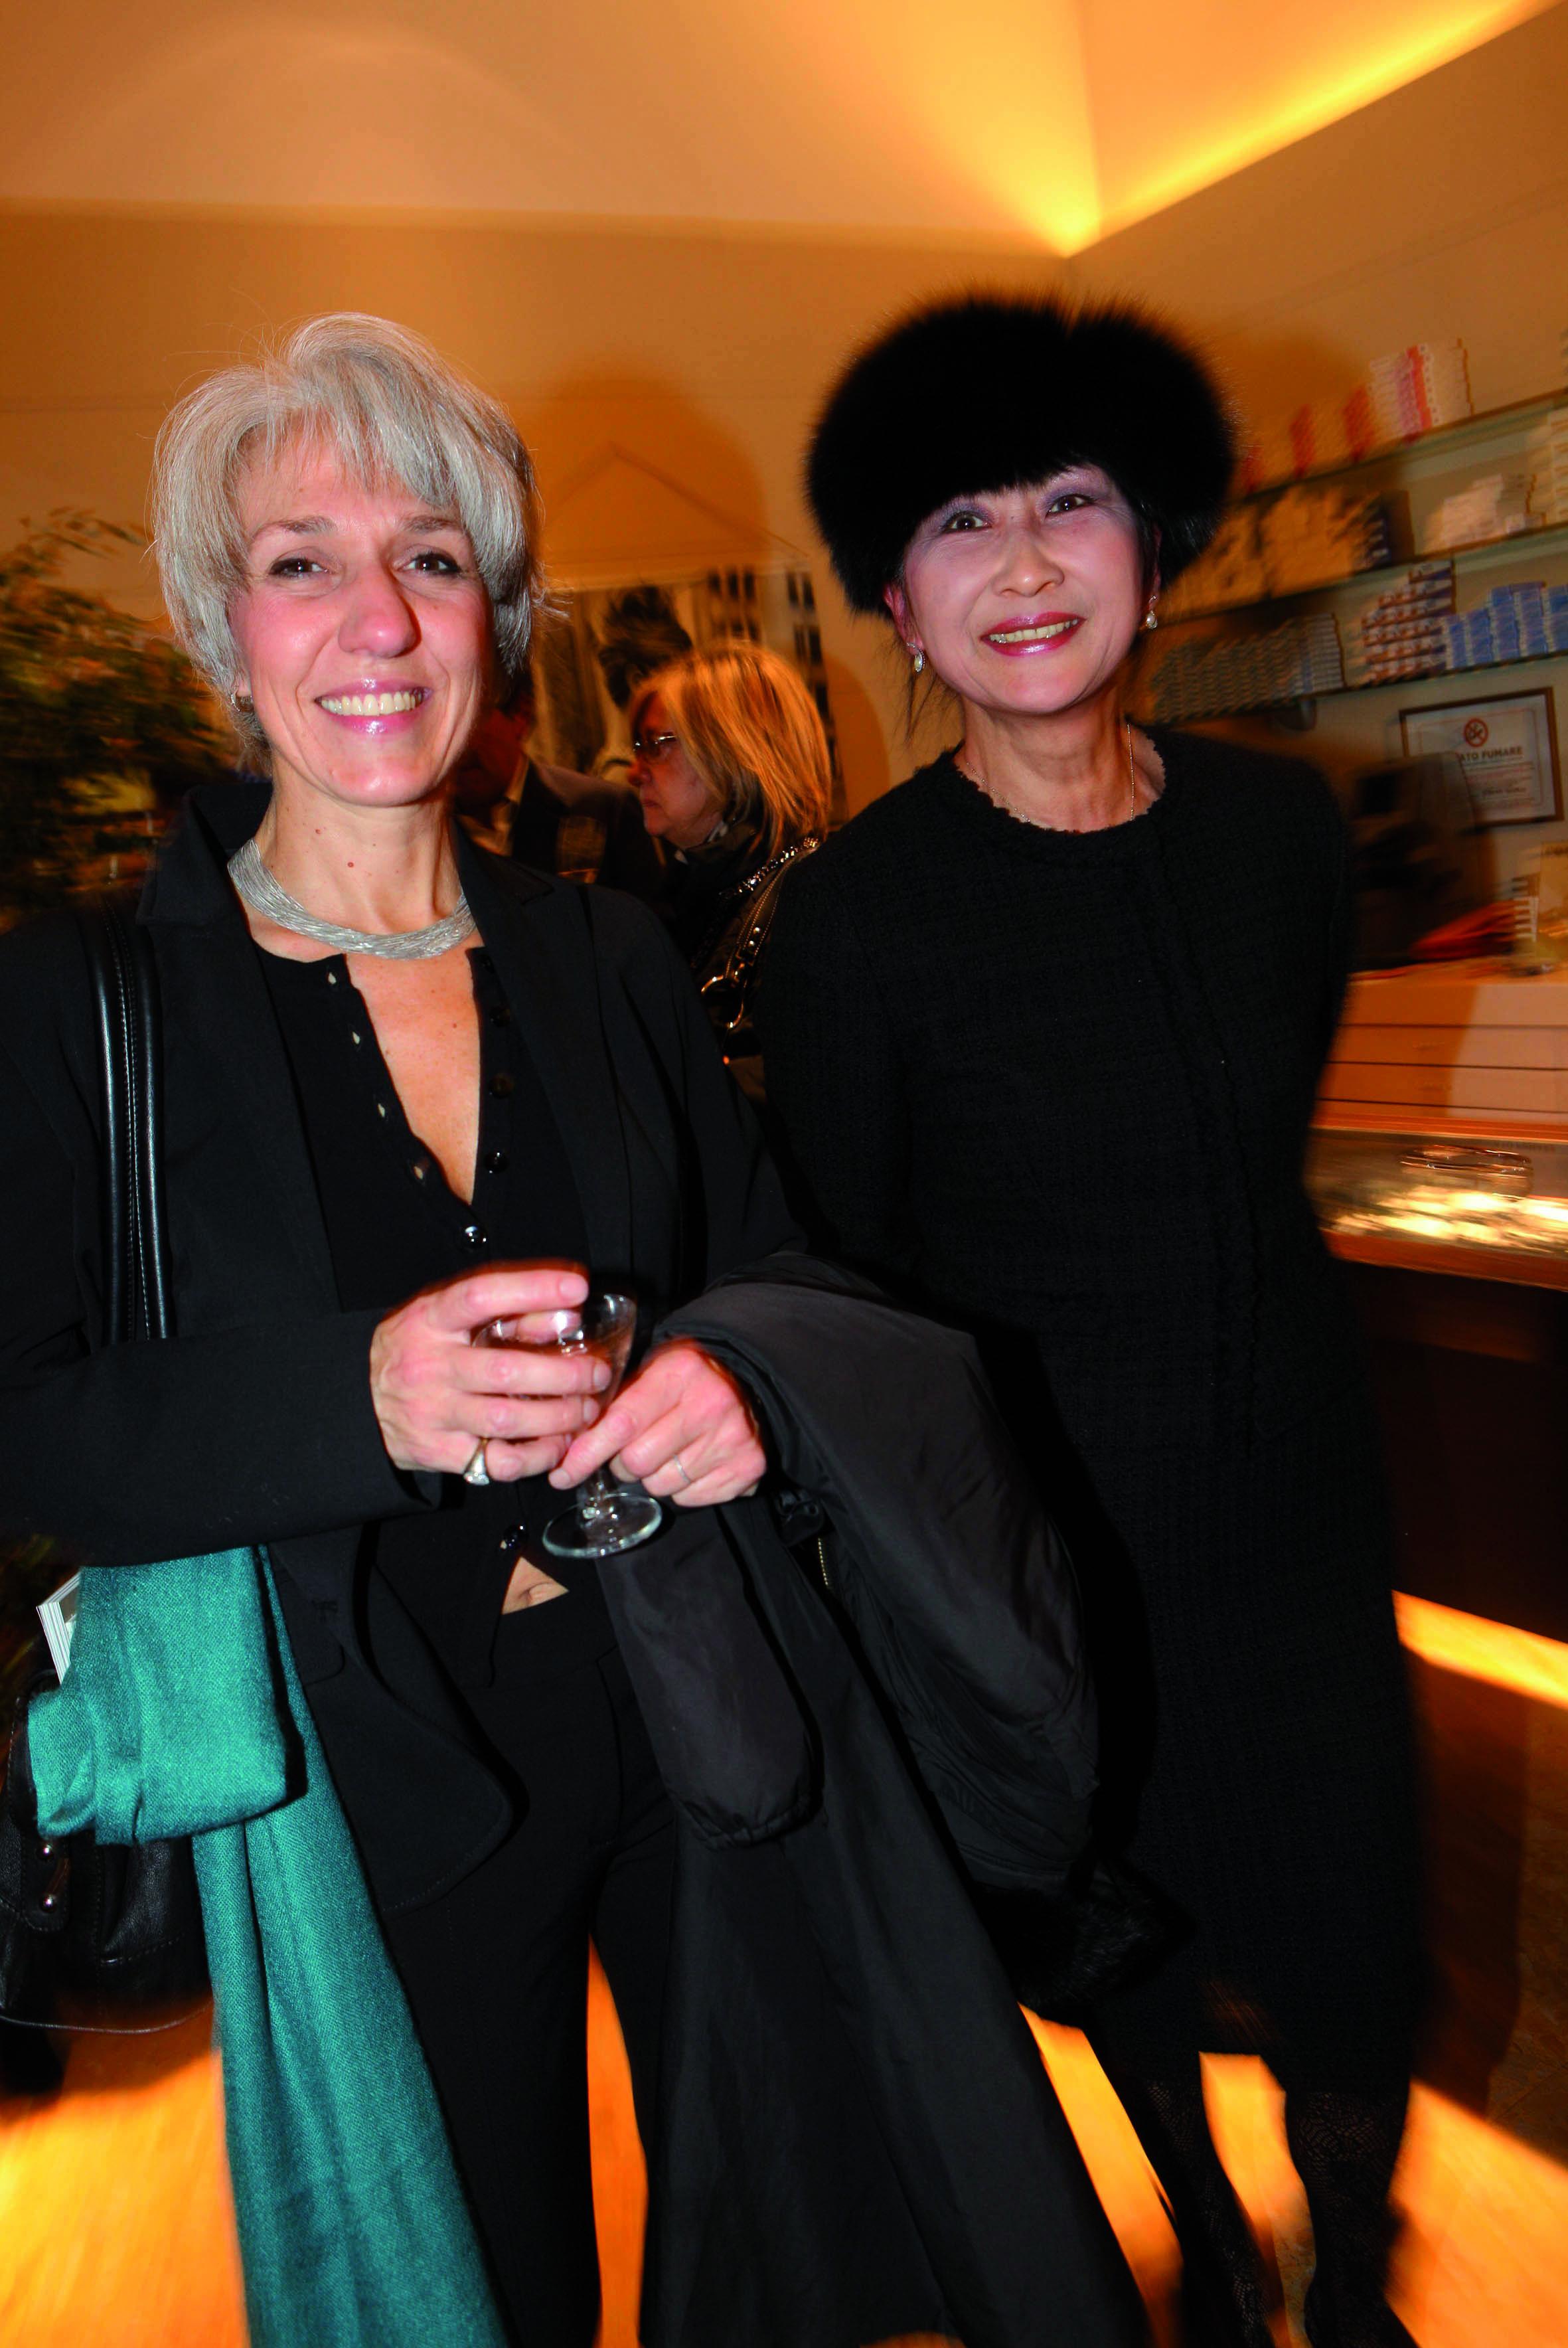 ilaria Marini Junko Fukui, stefania Fontani pressphoto-Firenze Magazine  presentazione collezzione occhiali Chanel all'ottica Fontani